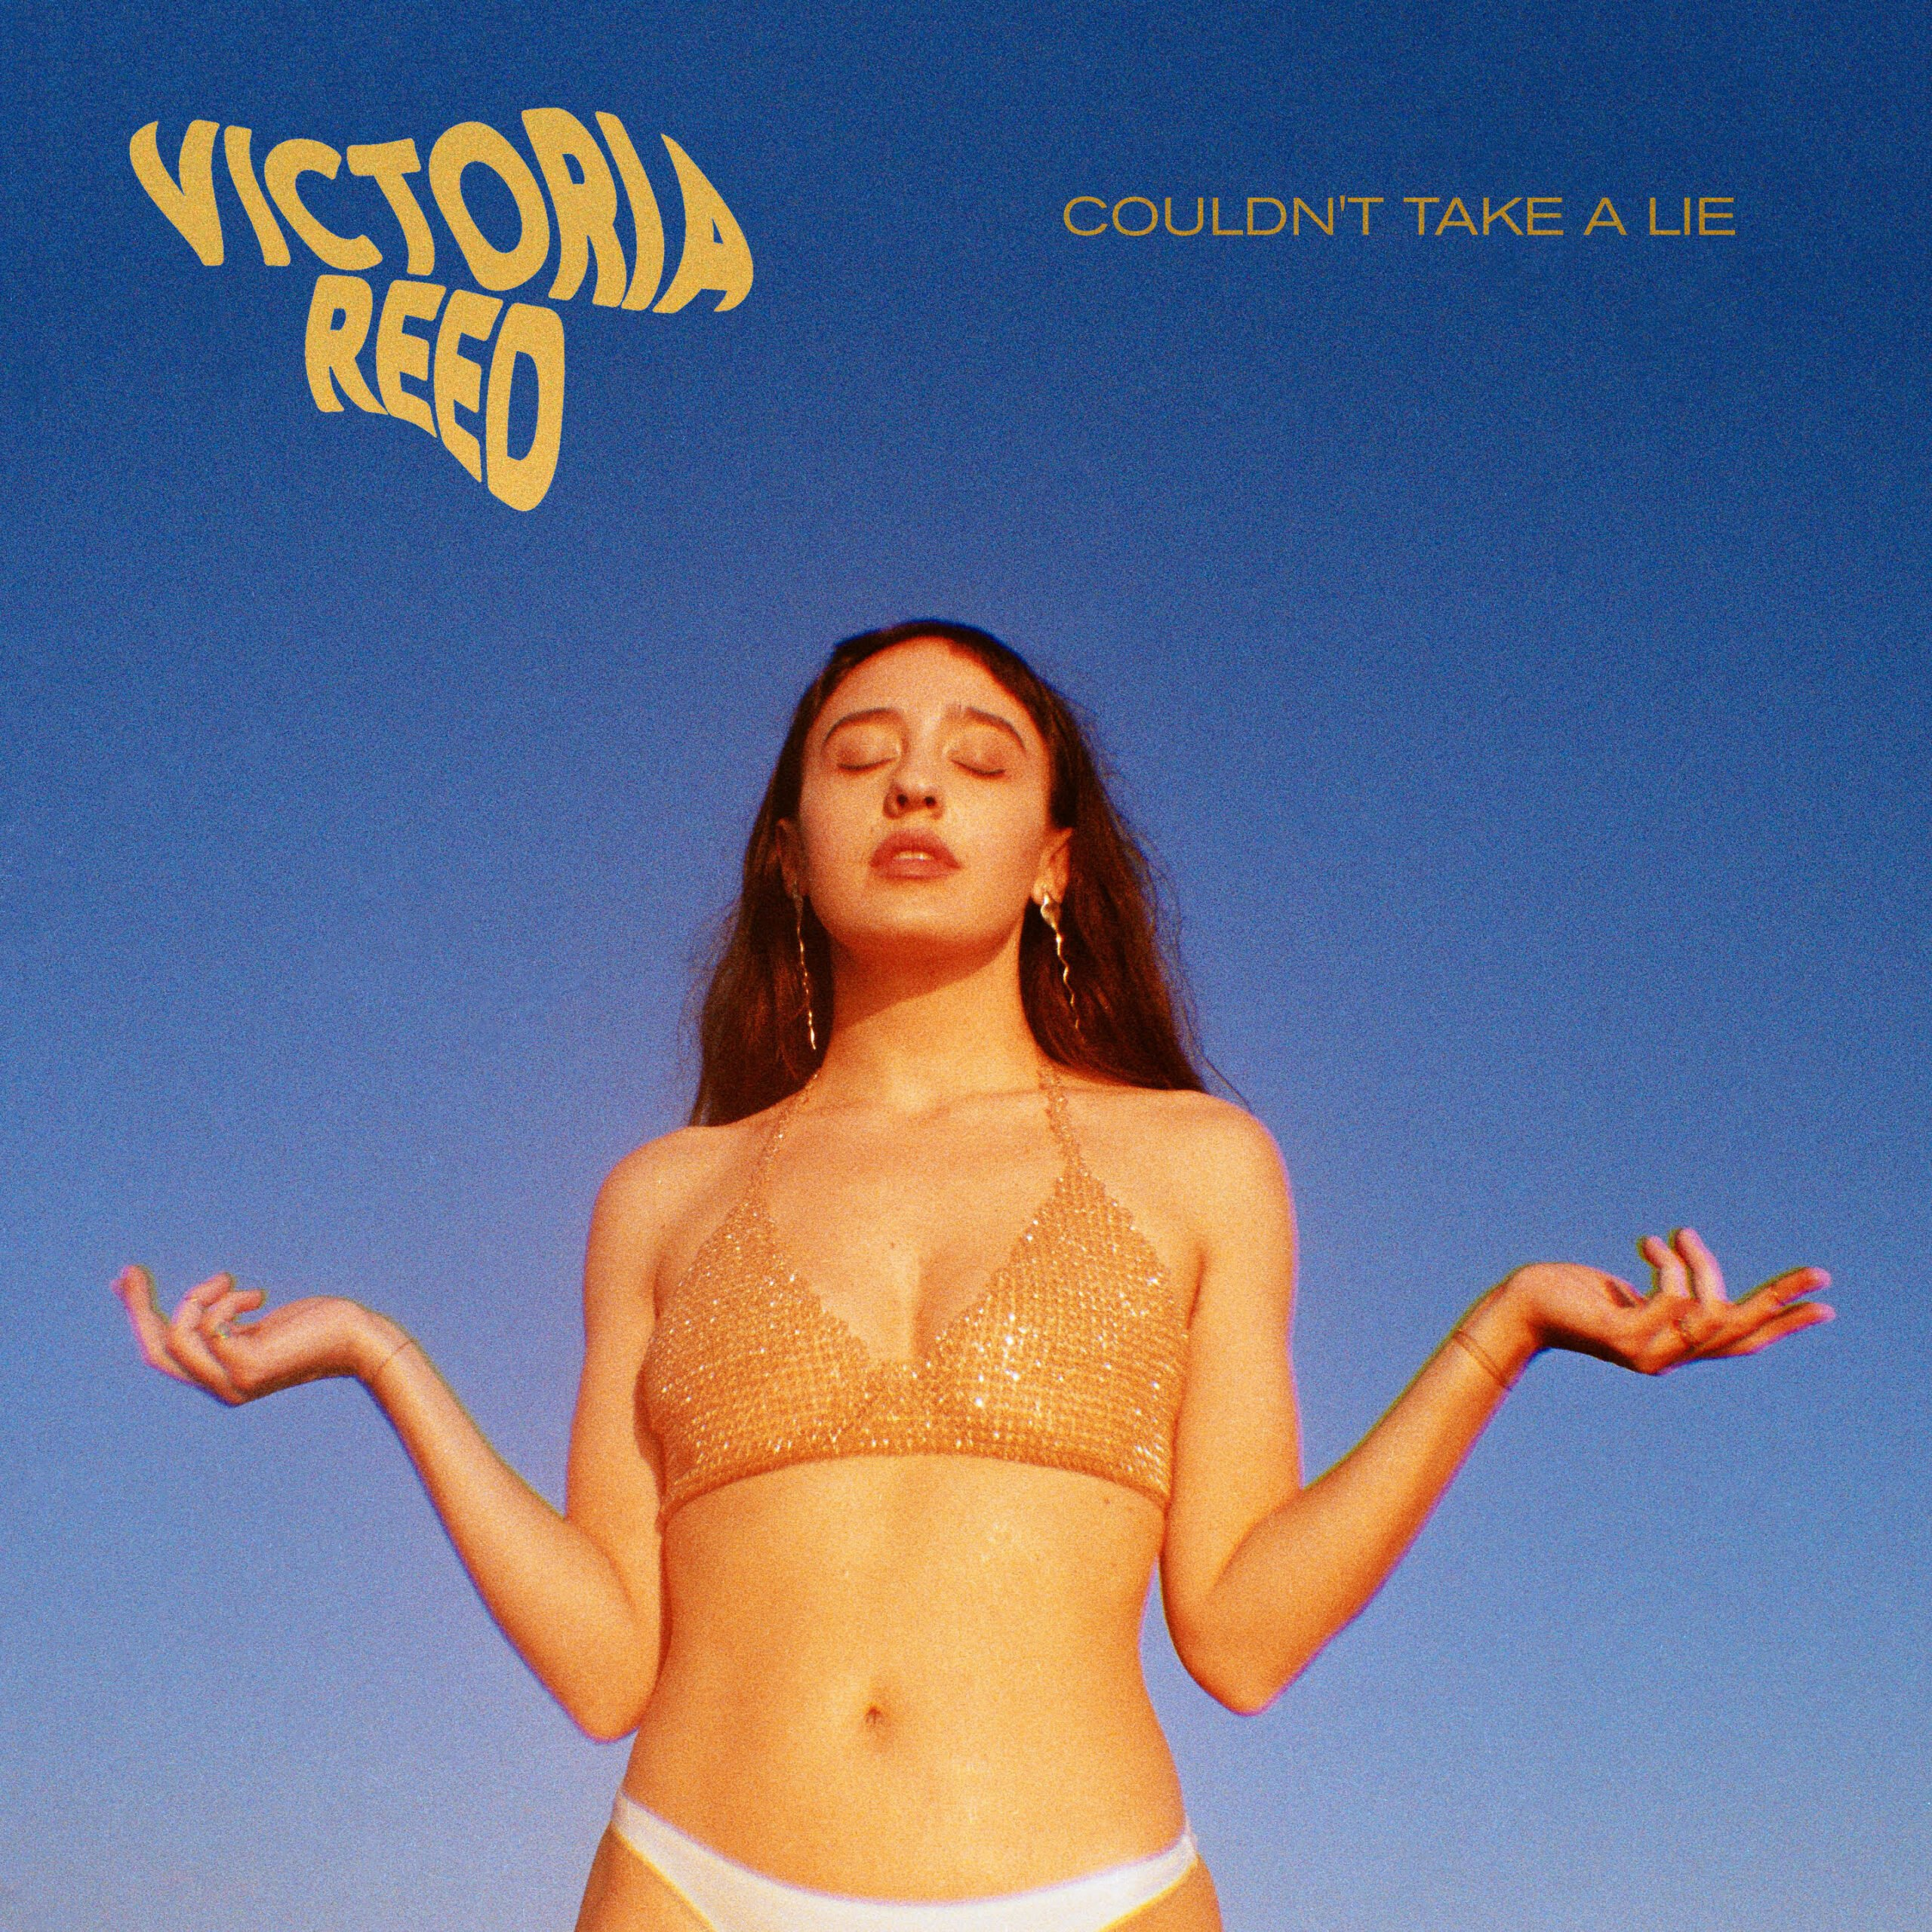 victoria reed estrena couldnt take a lie para celebrar el lanzamiento del vinilo de aquamadre unnamed 3 scaled